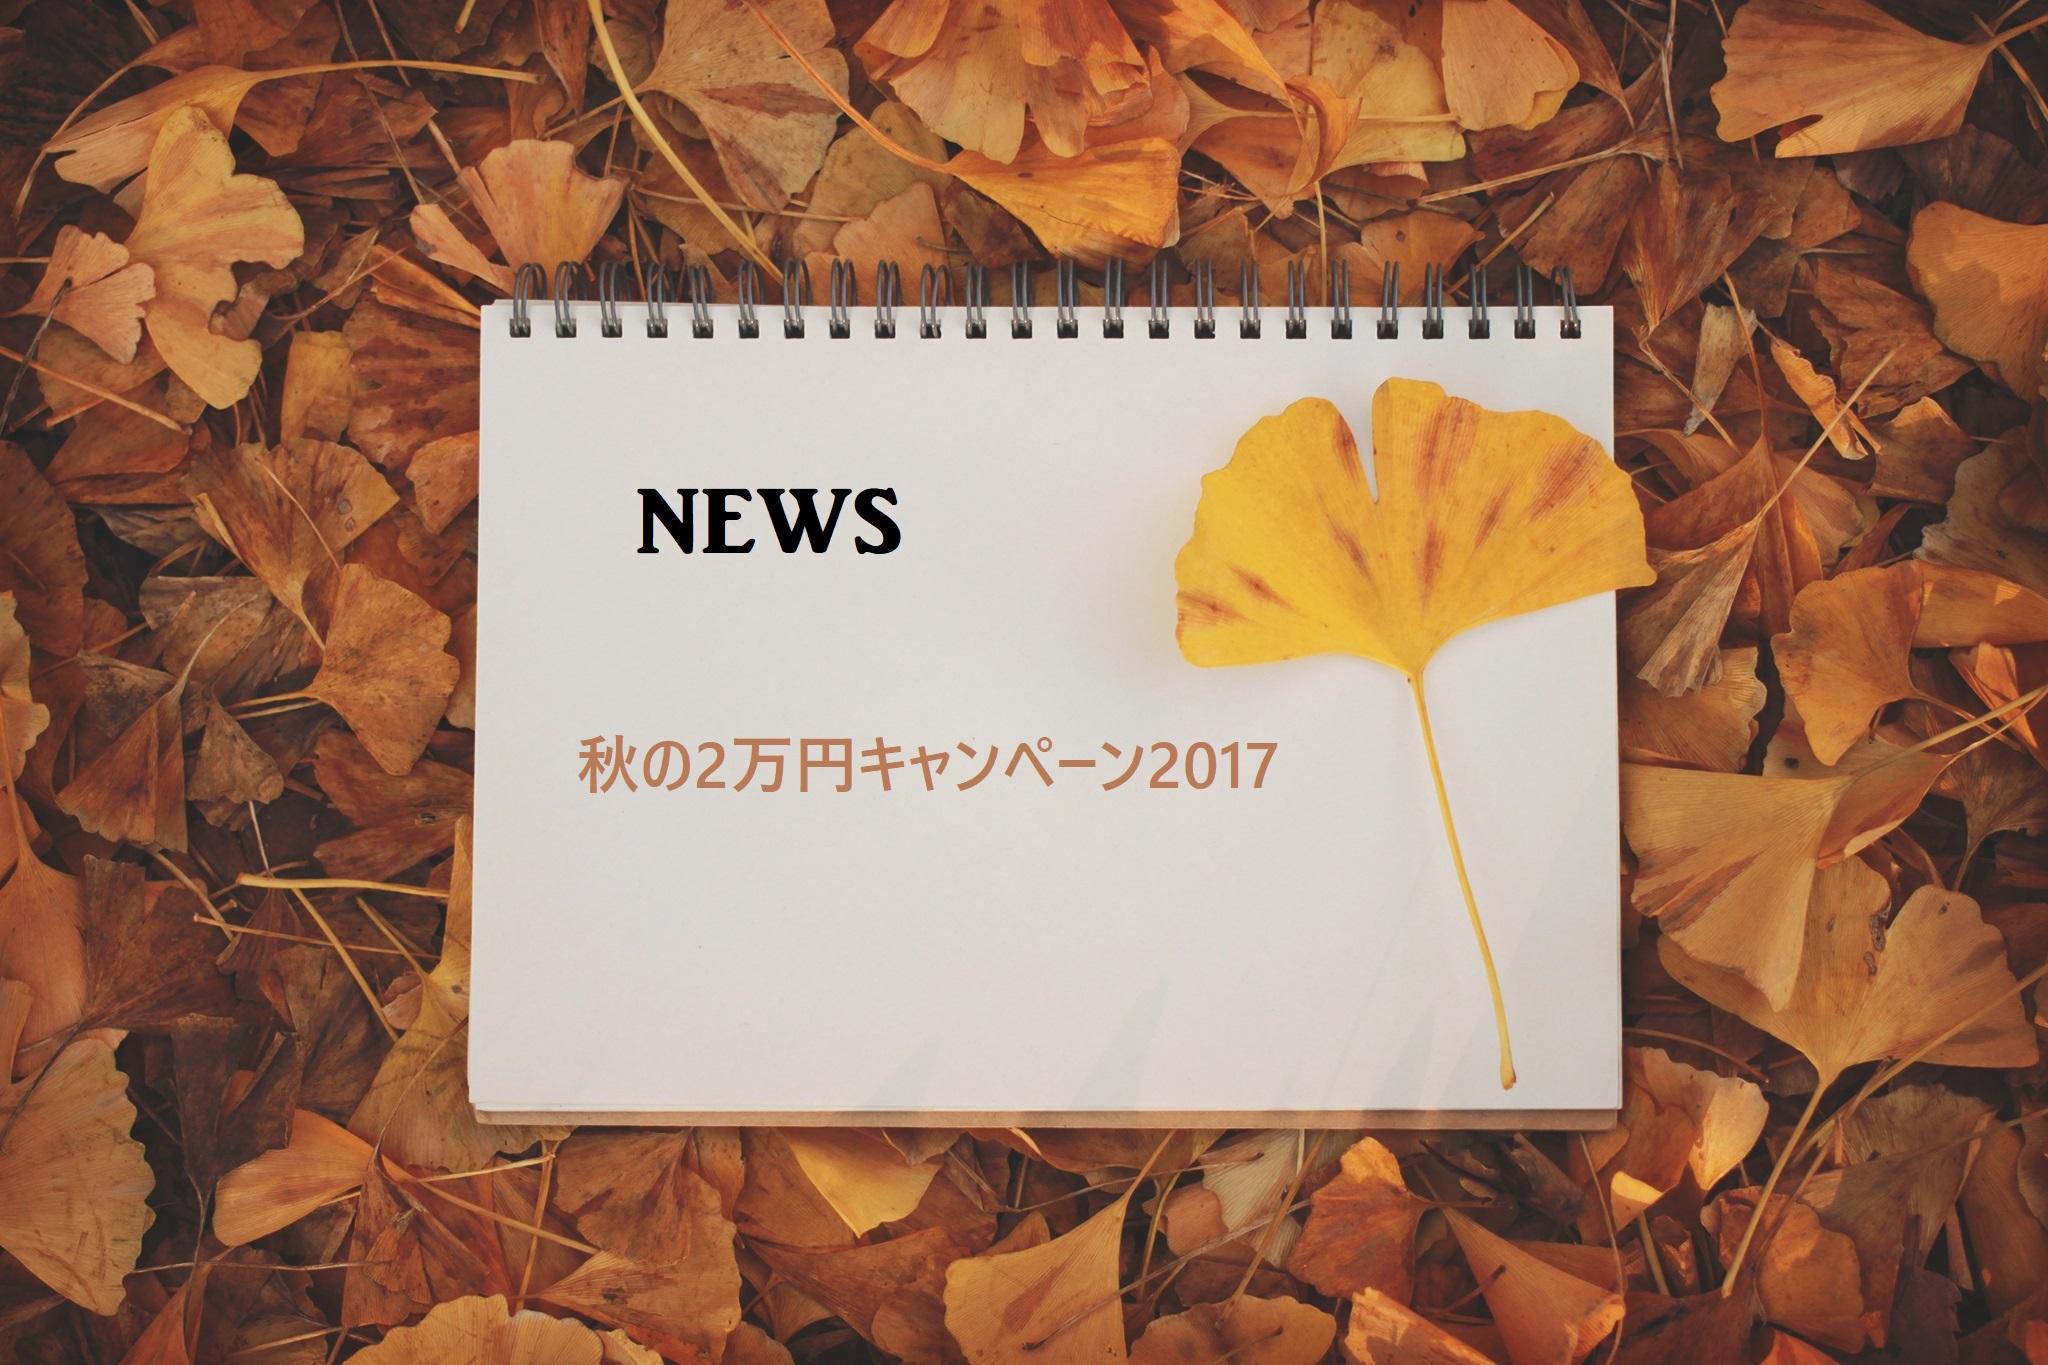 ソフトバンク光もエアーも!秋の2万円キャンペーン2017の詳細